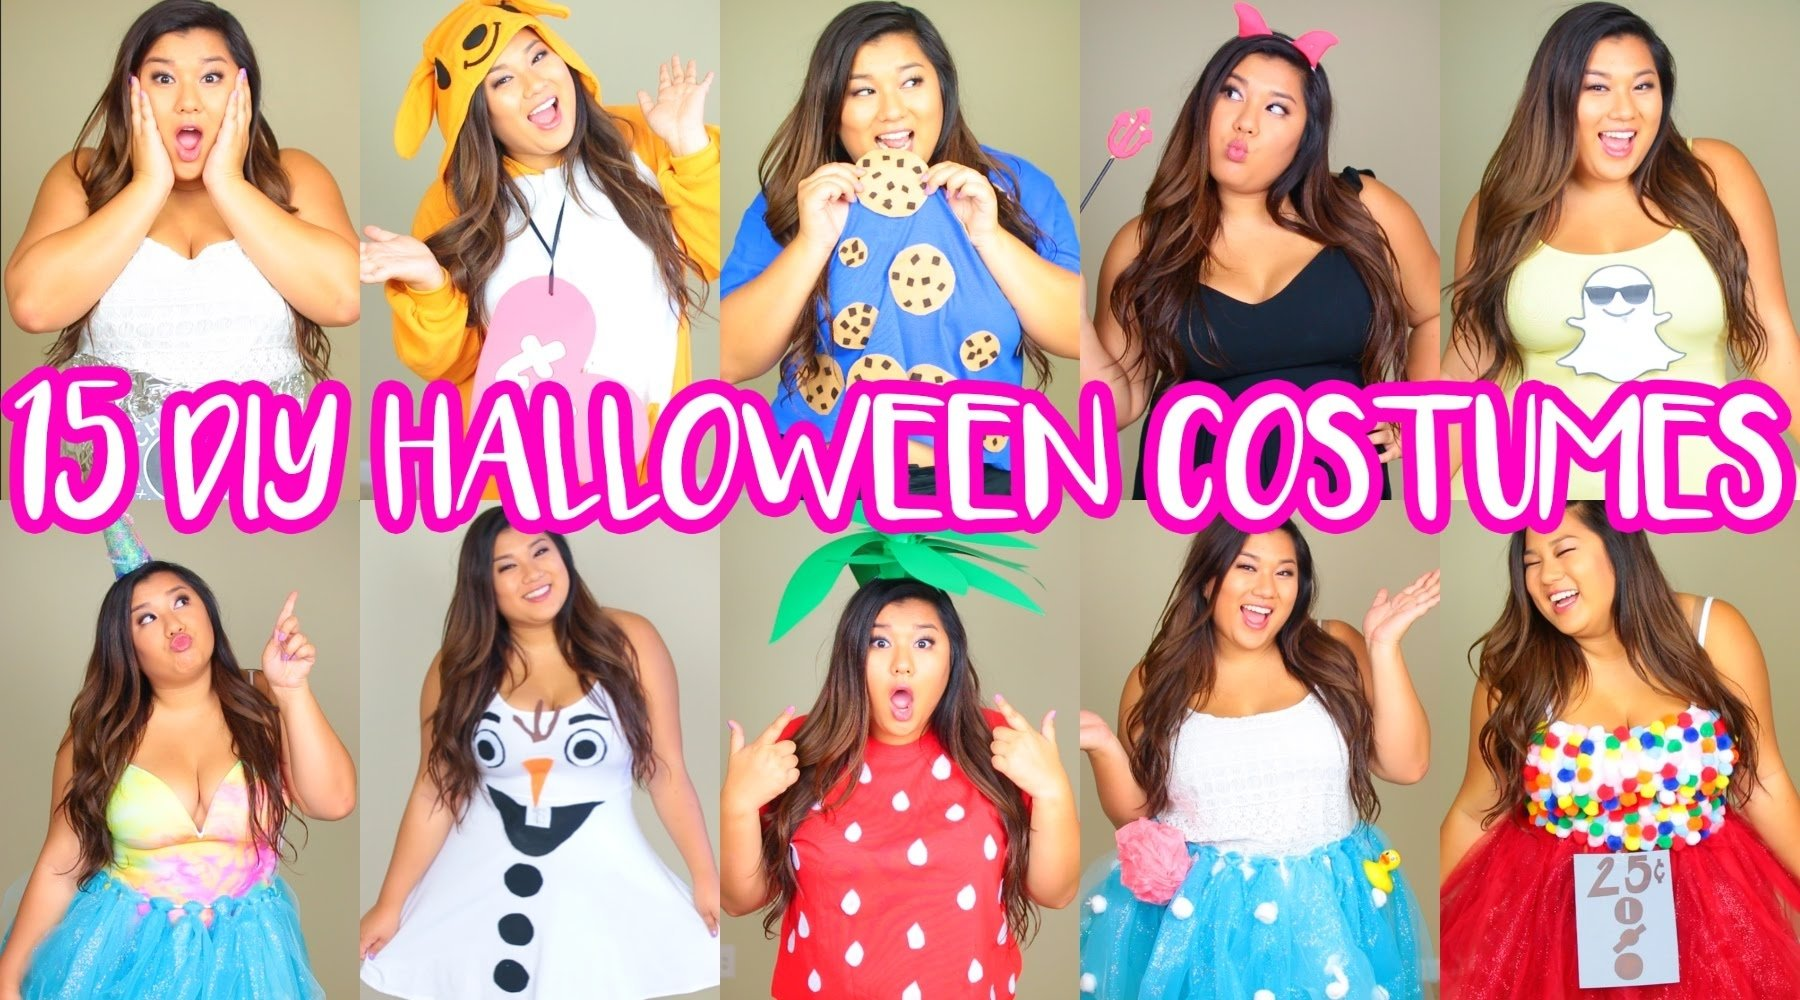 10 Unique Cute Last Minute Costume Ideas 15 diy halloween costumes last minute cute easy youtube 5 2020